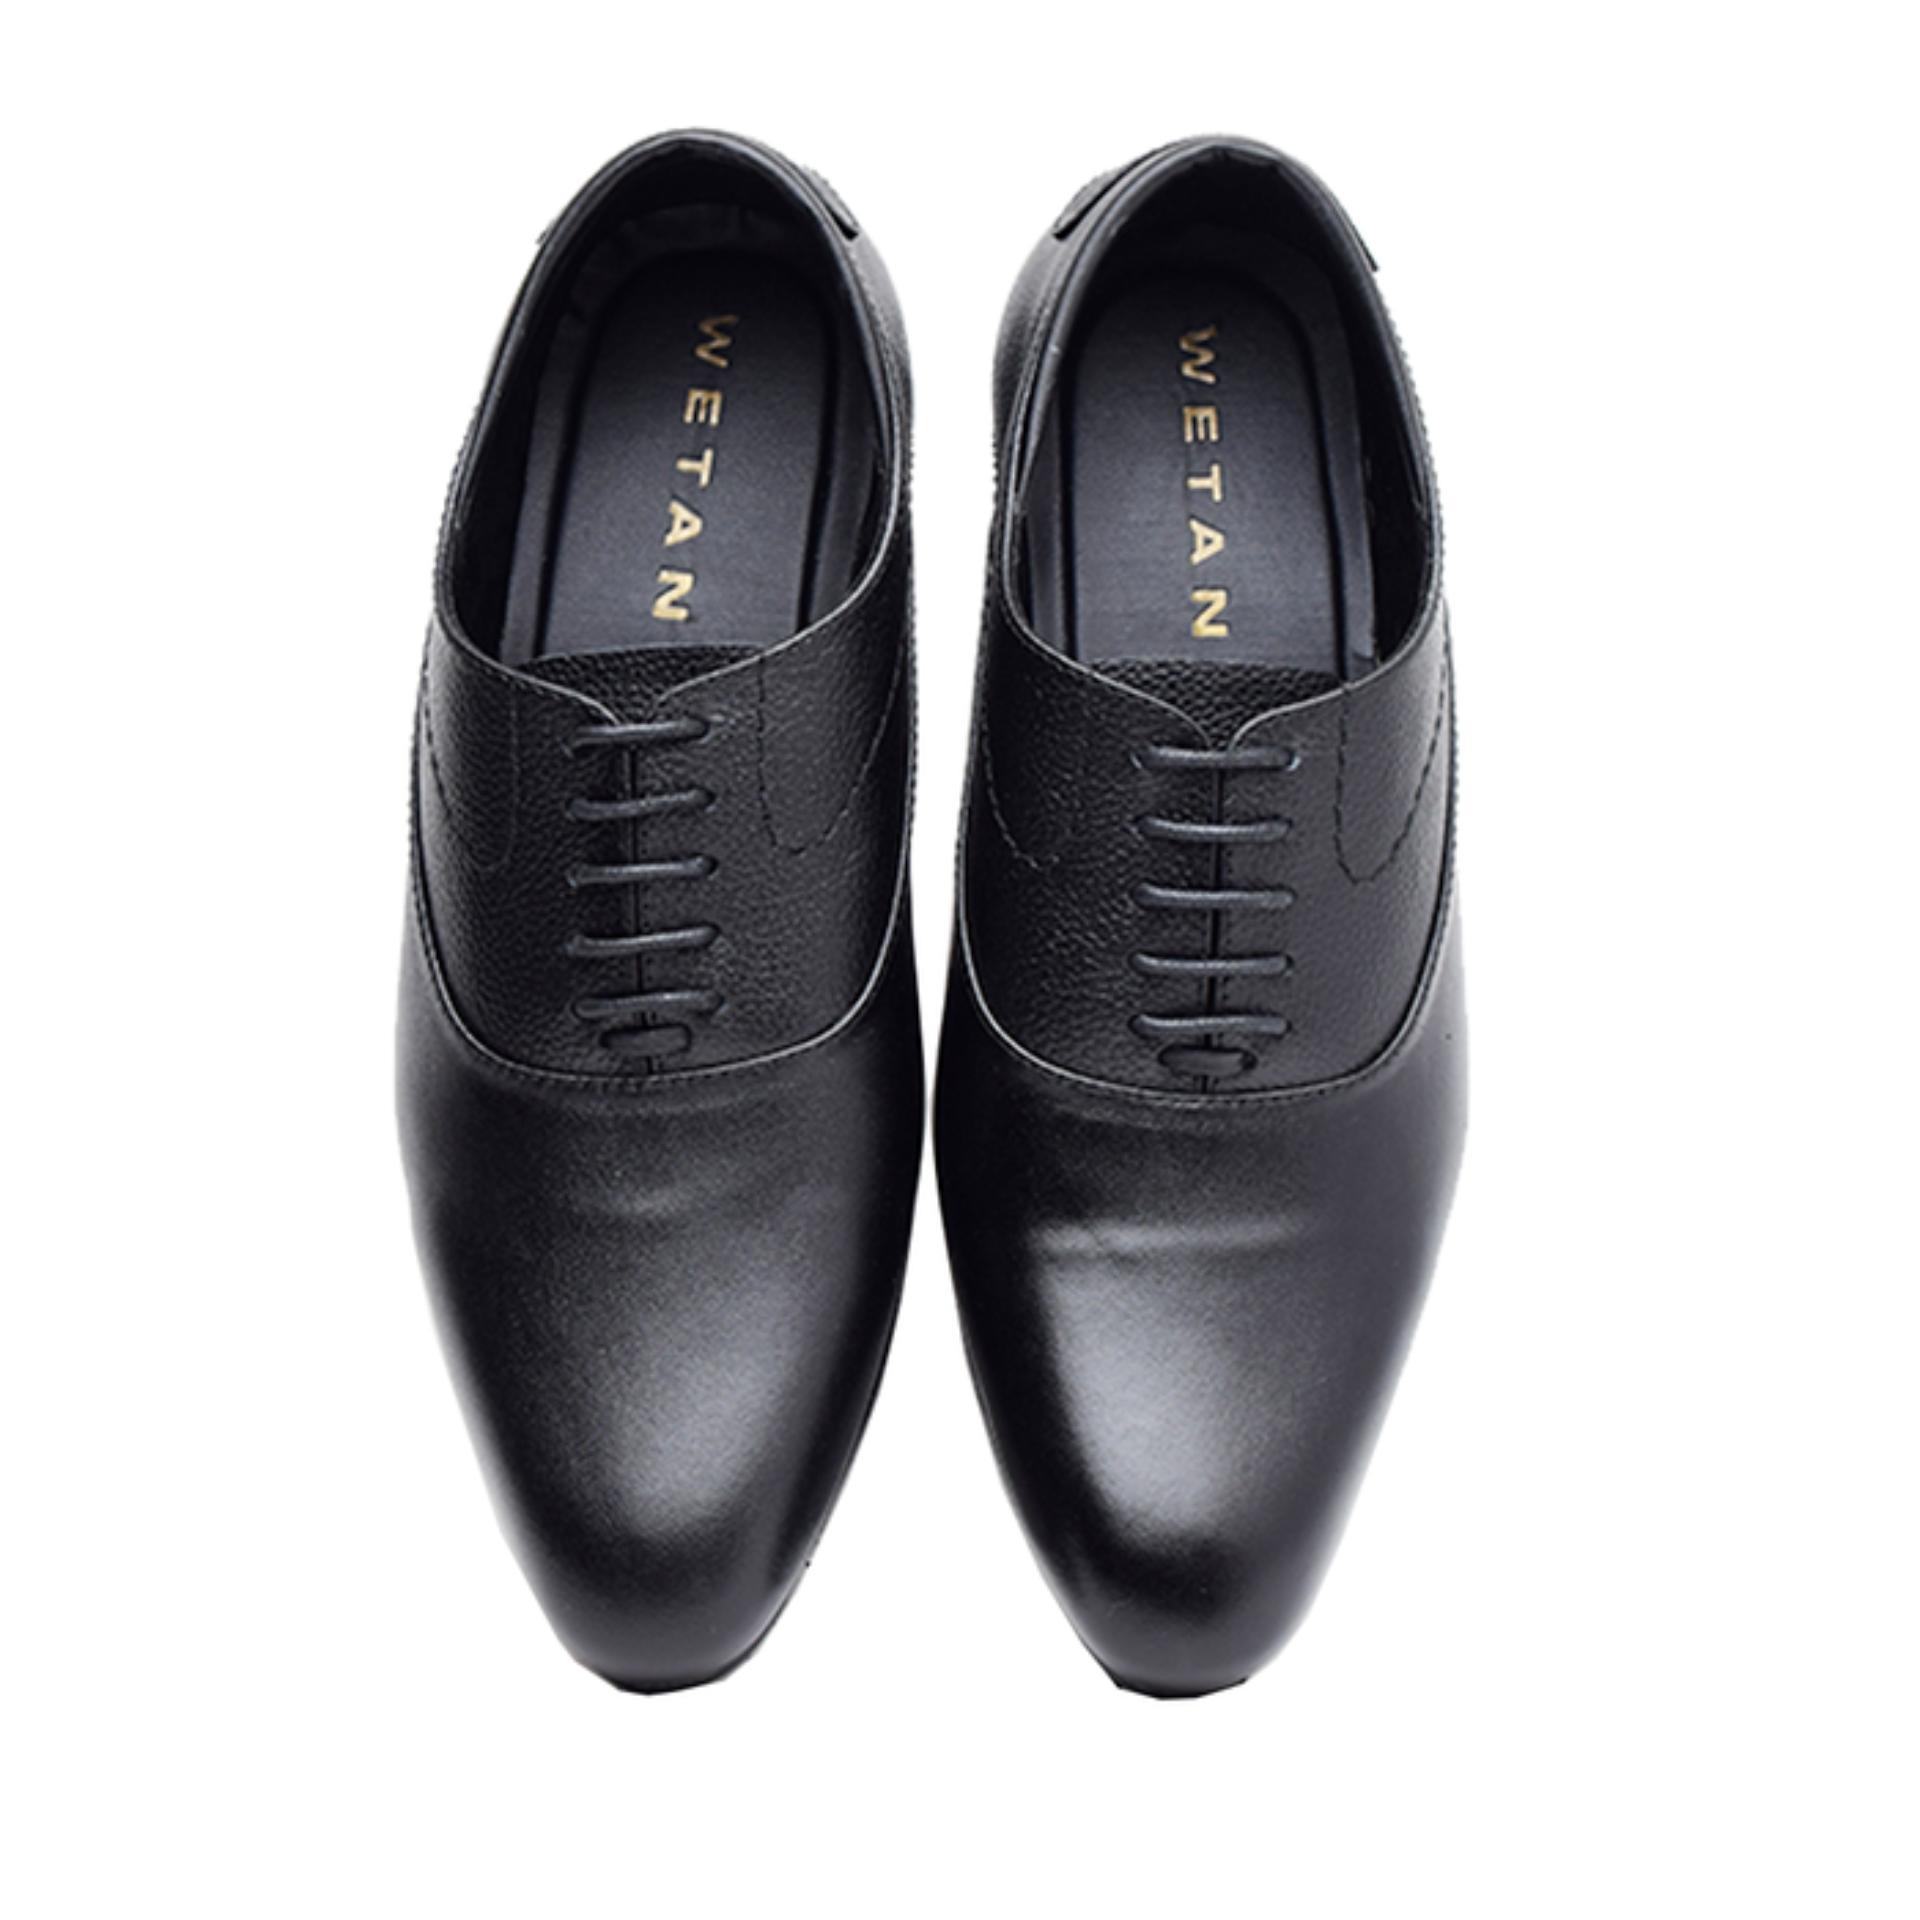 Wetan Shoes Sepatu Formal Pantofel Pria Premium Big Size 44